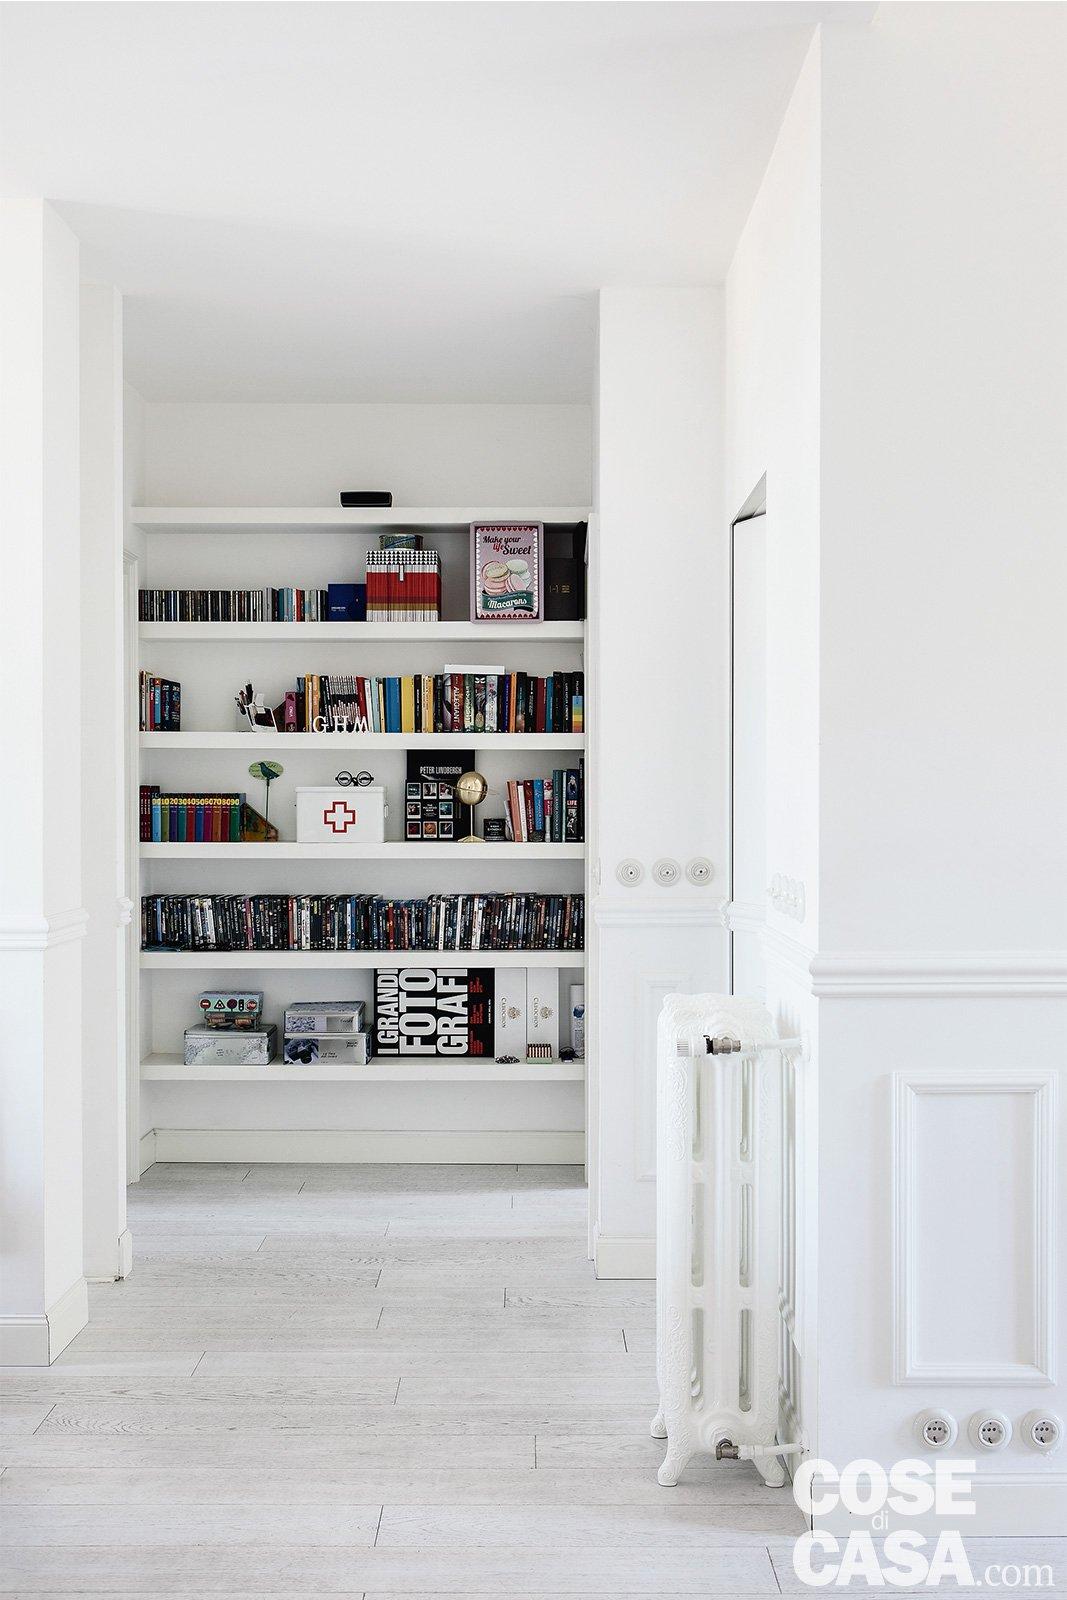 Lo Space Senza Pareti 85 mq: una casa in stile classico contemporaneo - cose di casa